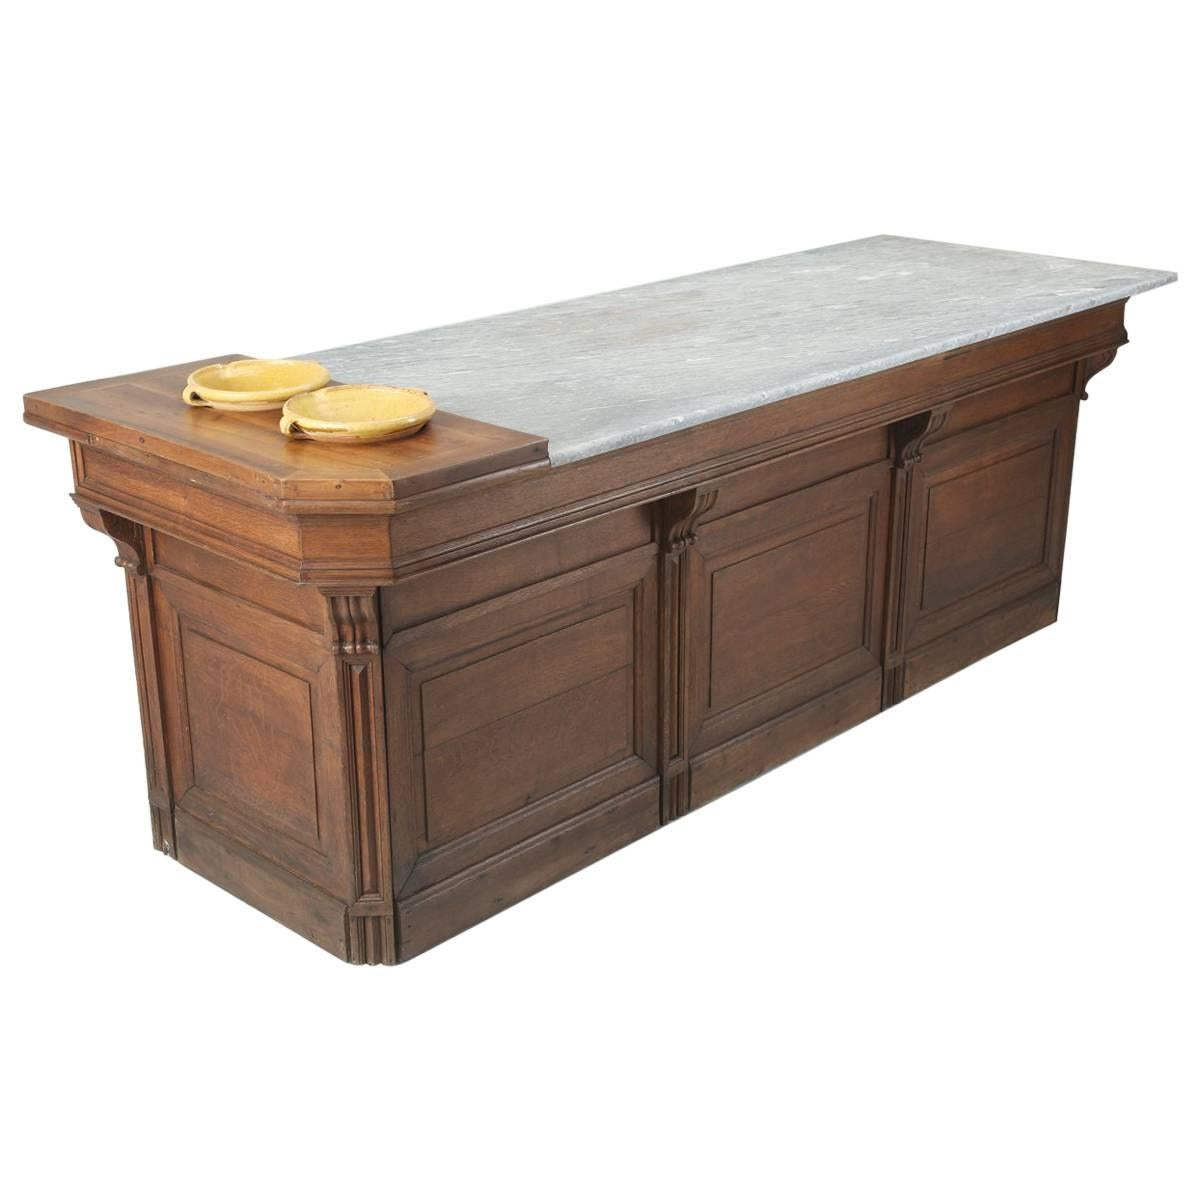 antique french kitchen island desk or work table for sale antique french kitchen island desk or work table for sale at 1stdibs  rh   1stdibs com